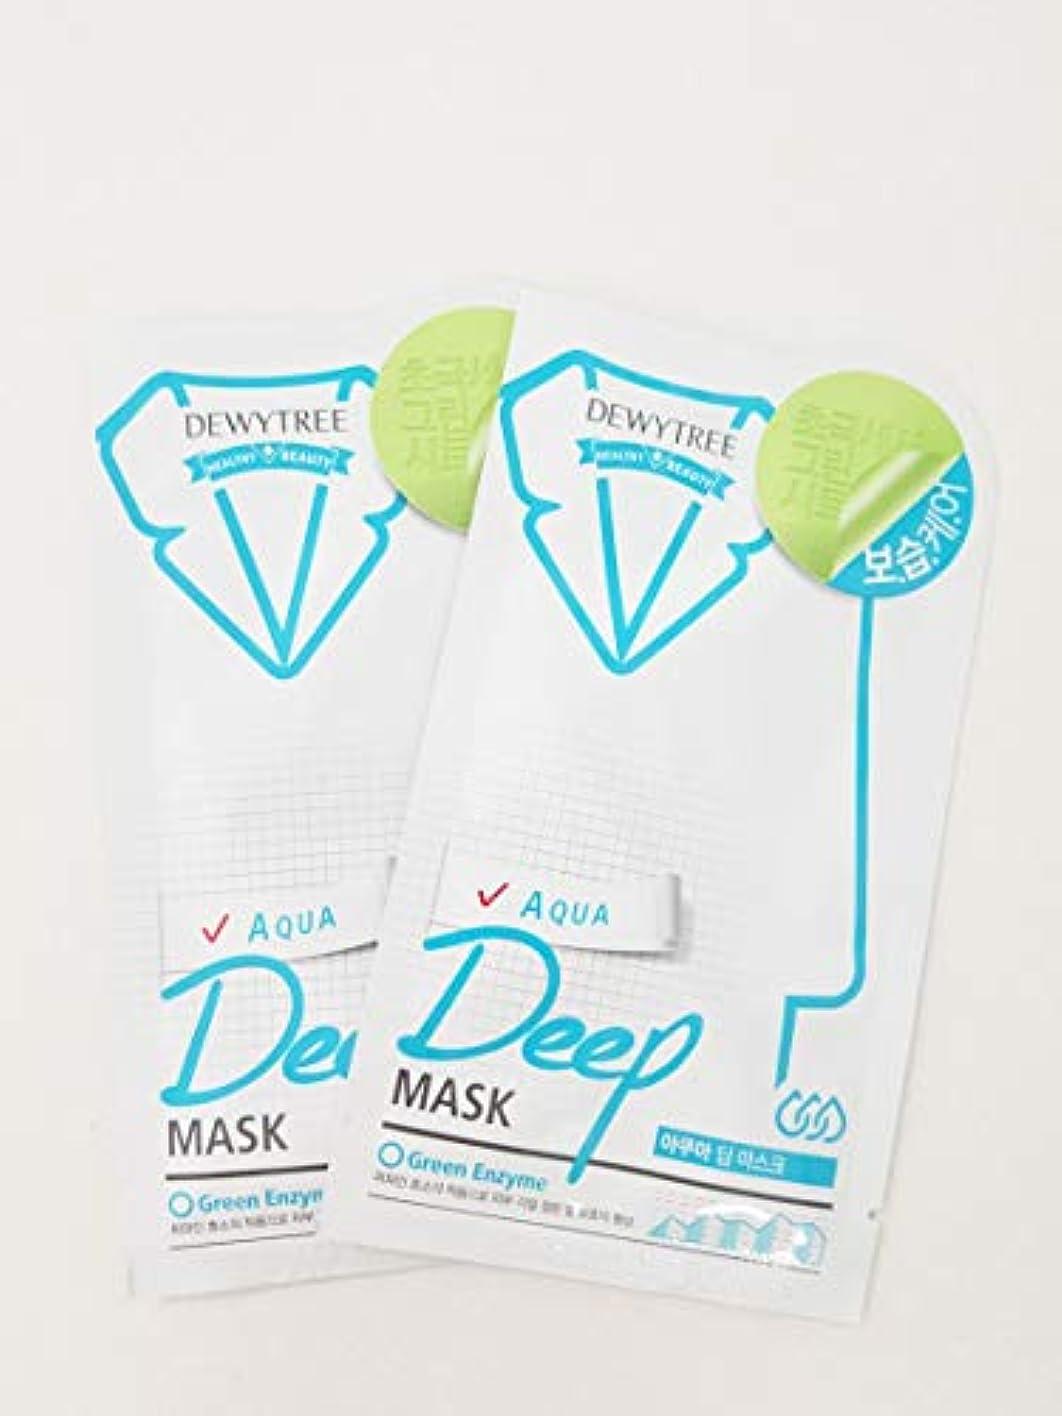 に同意する便益スティーブンソン(デューイトゥリー) DEWYTREE アクアディープマスク 20枚 Aqua Deep Mask 韓国マスクパック (並行輸入品)